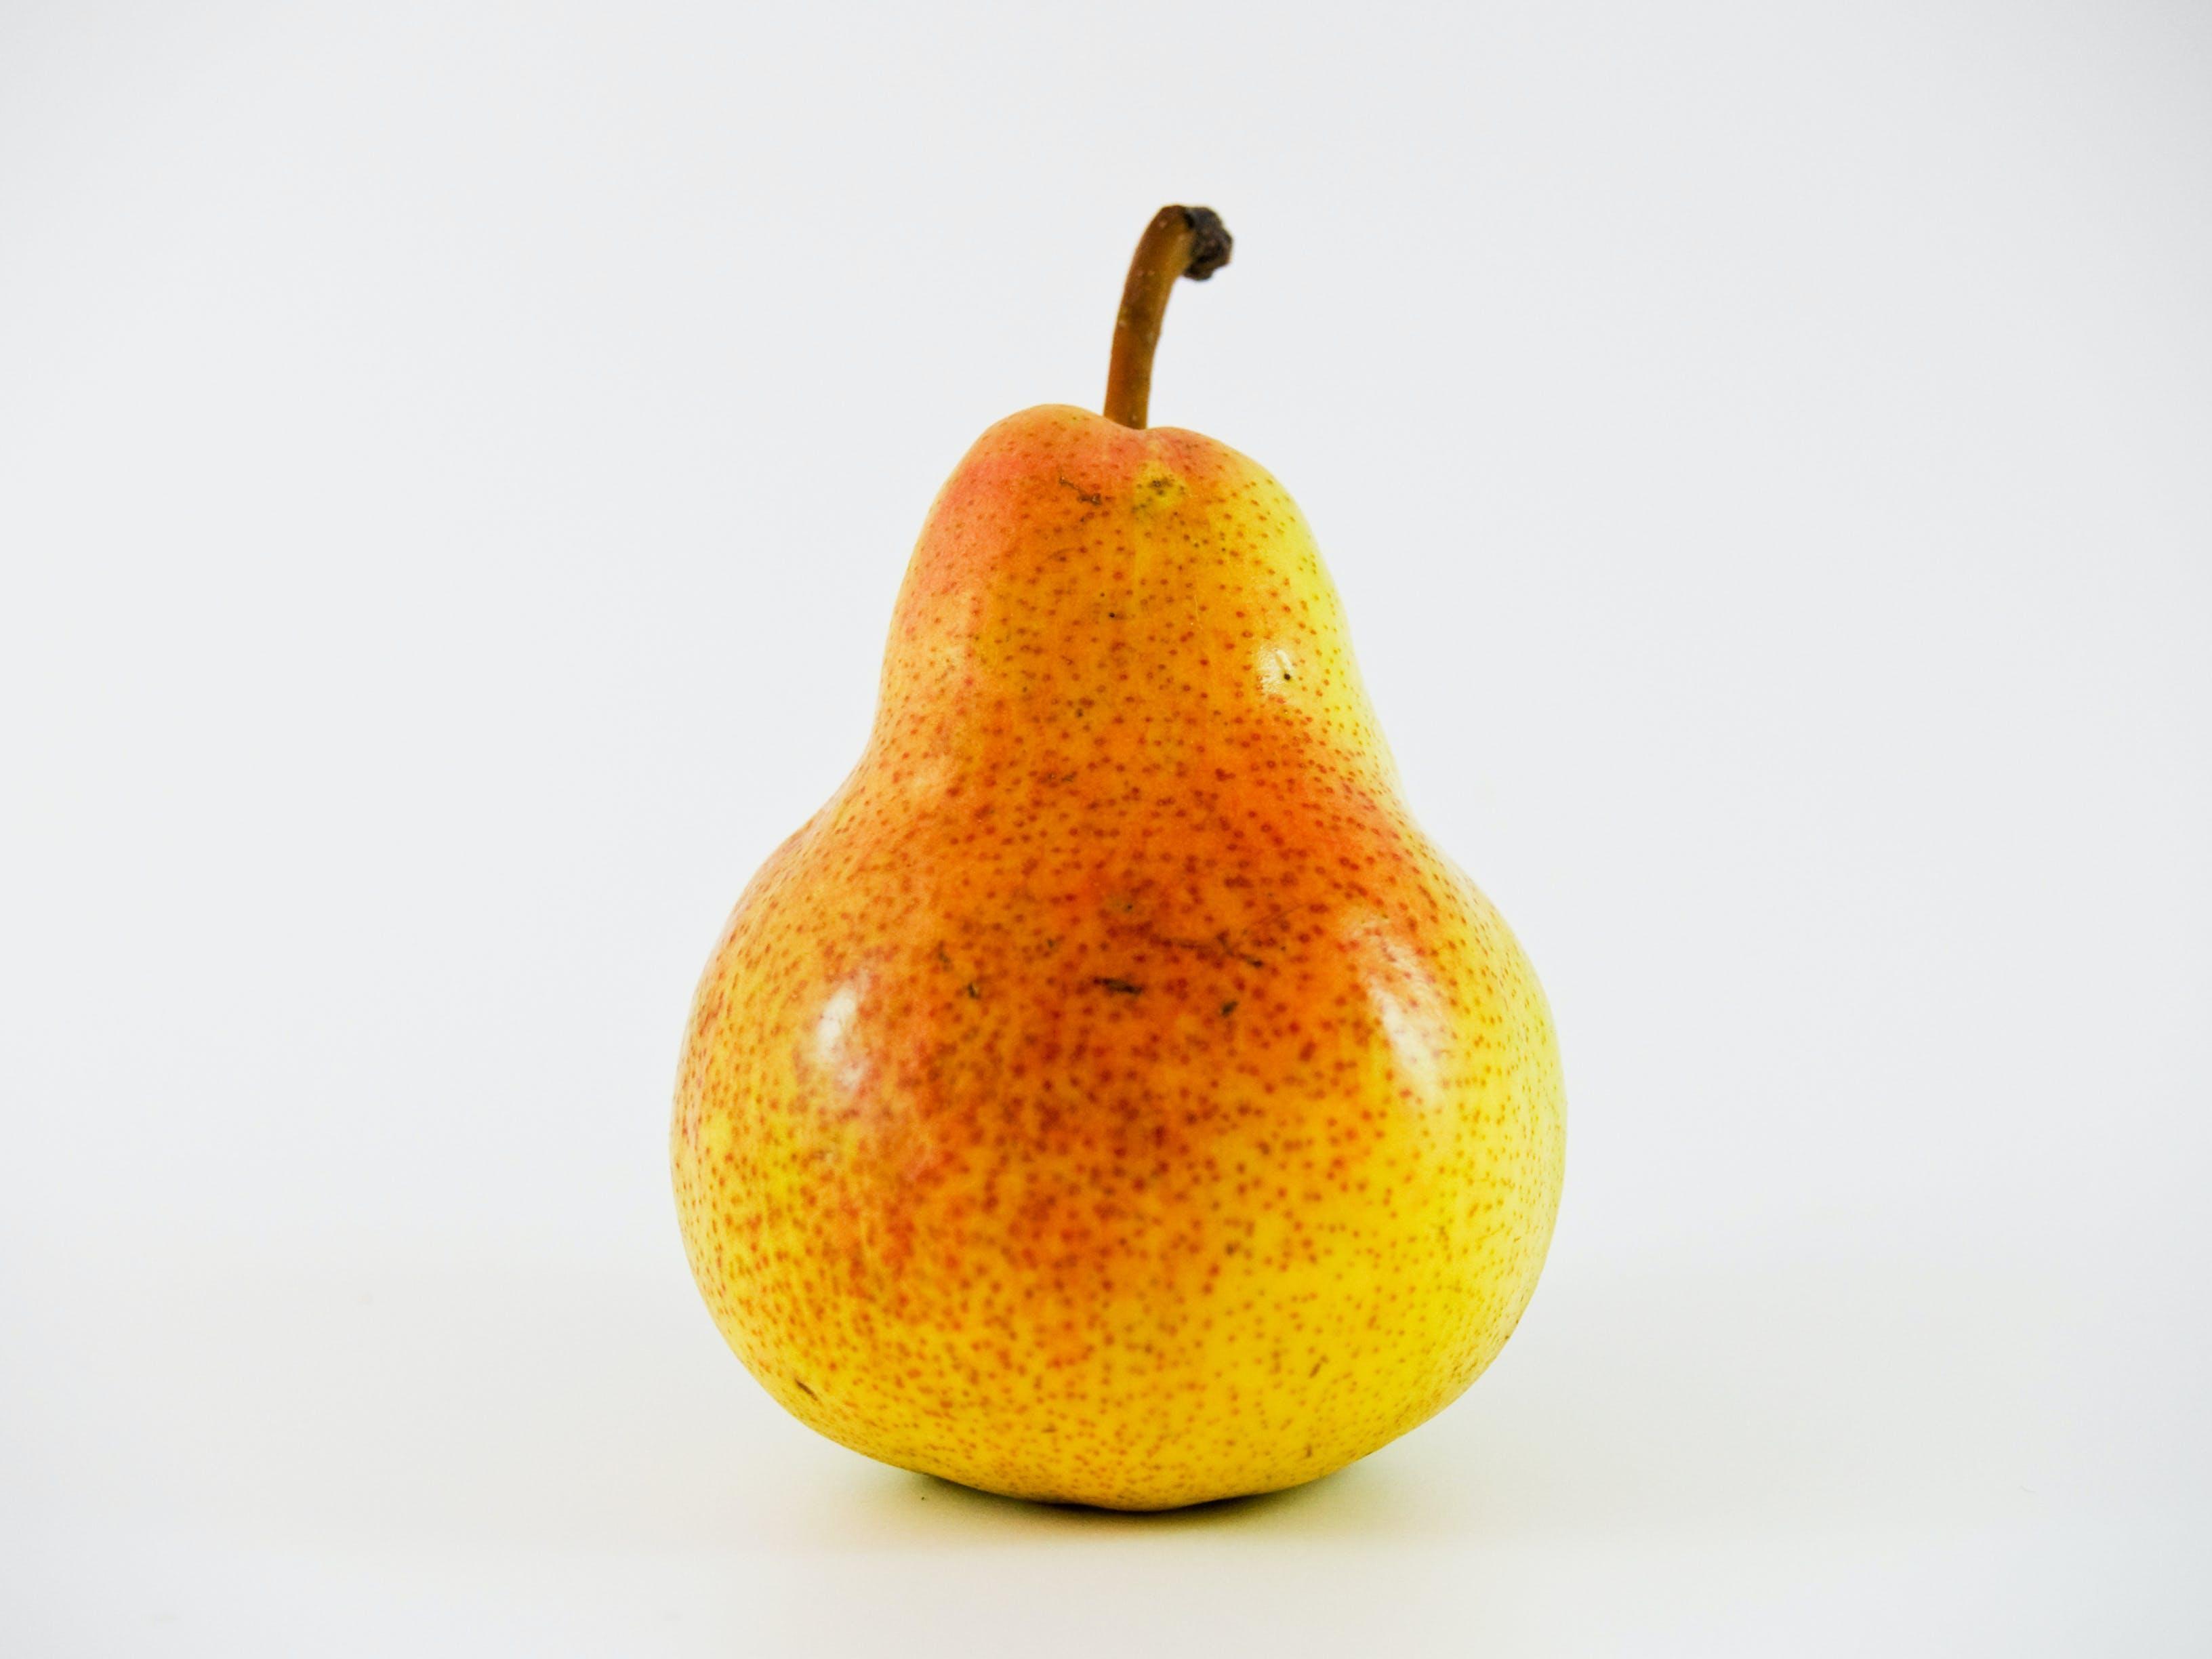 Fotos de stock gratuitas de Fruta, Pera, sabroso, salud